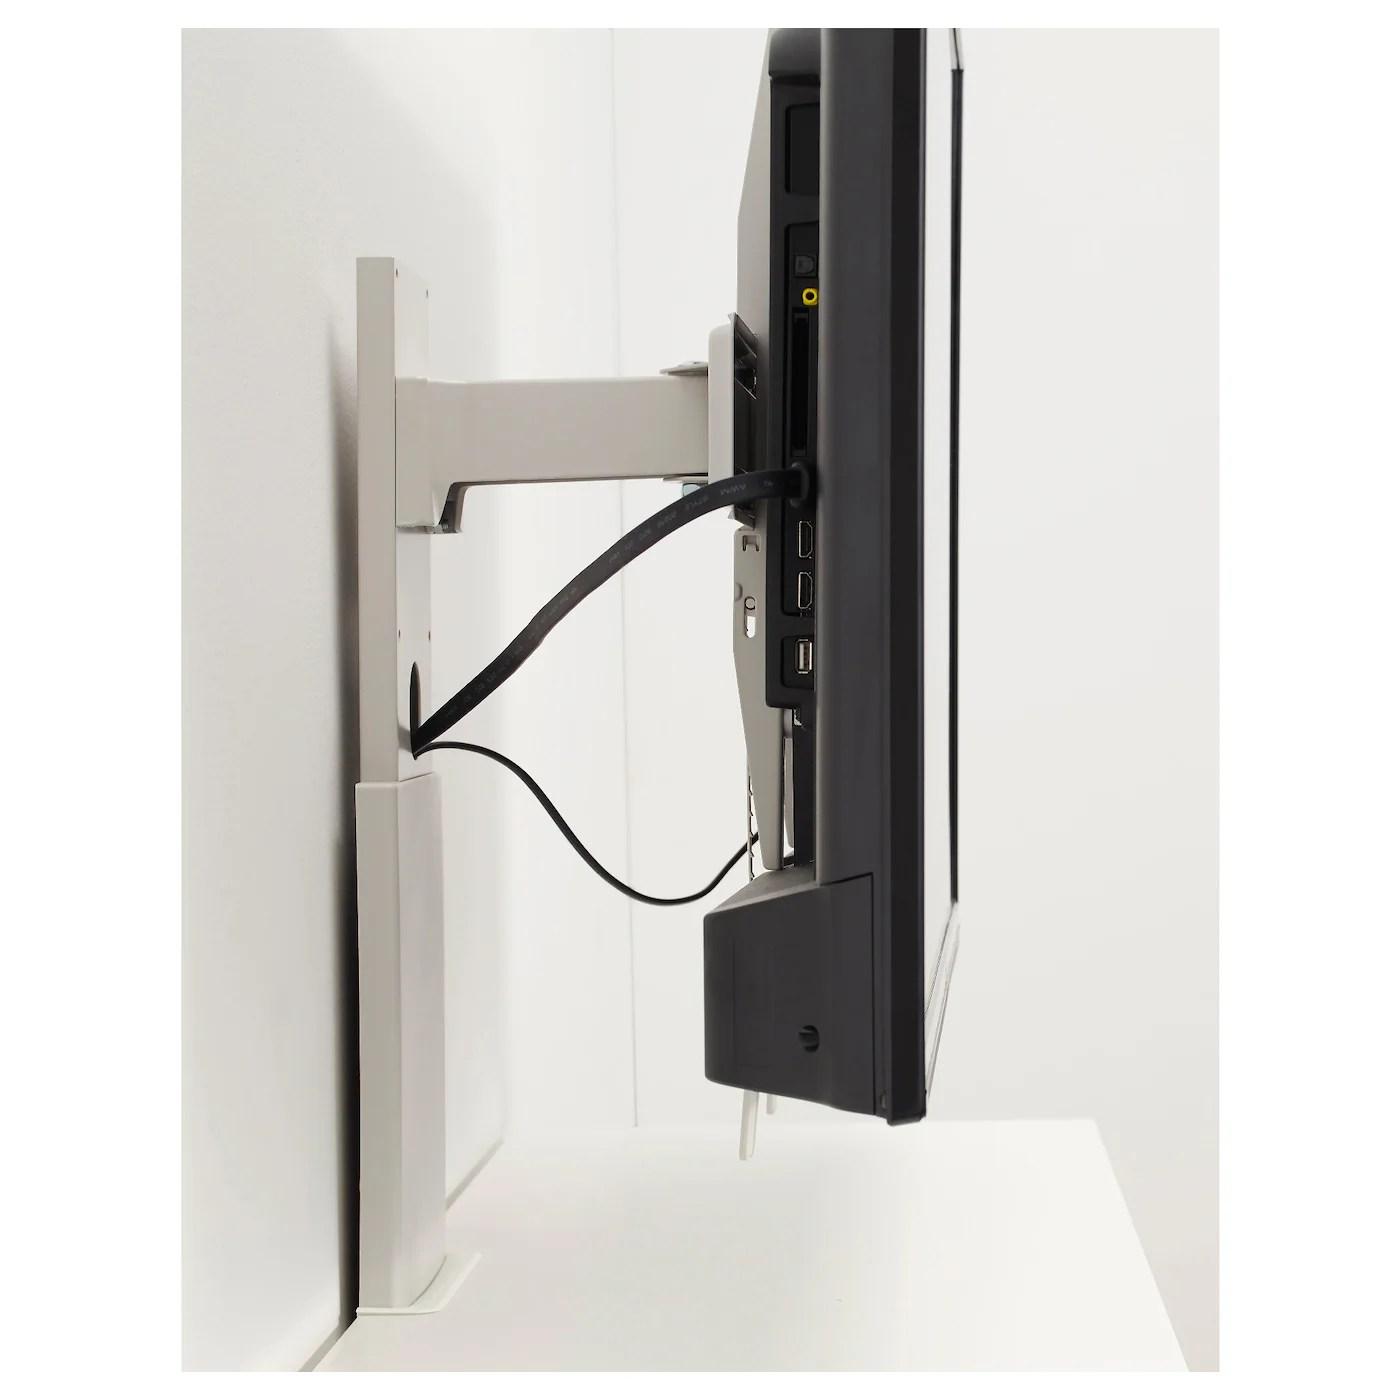 Uppleva Support Pour Tv Pivotant Gris Clair 37 55 Ikea